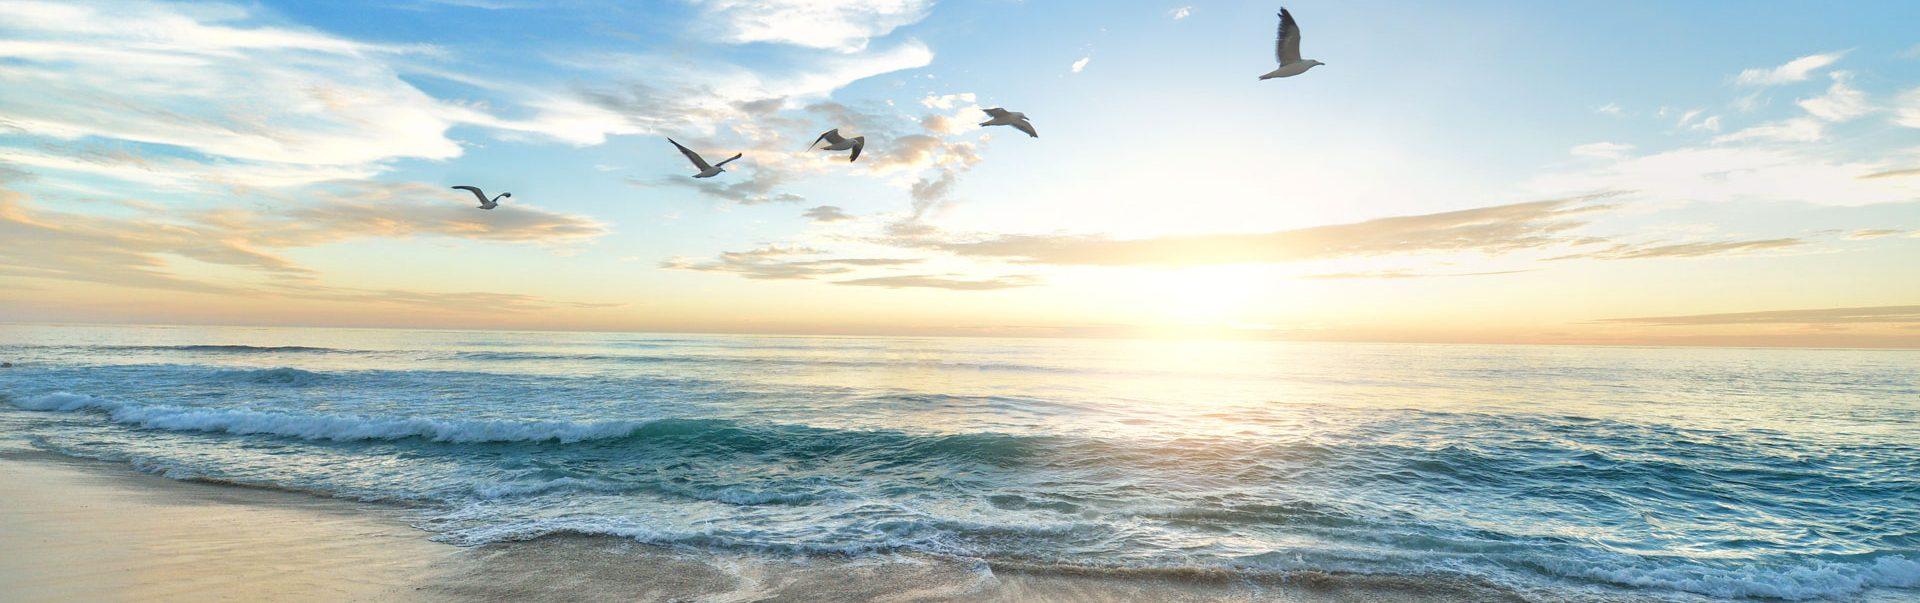 海遊び 波遊び